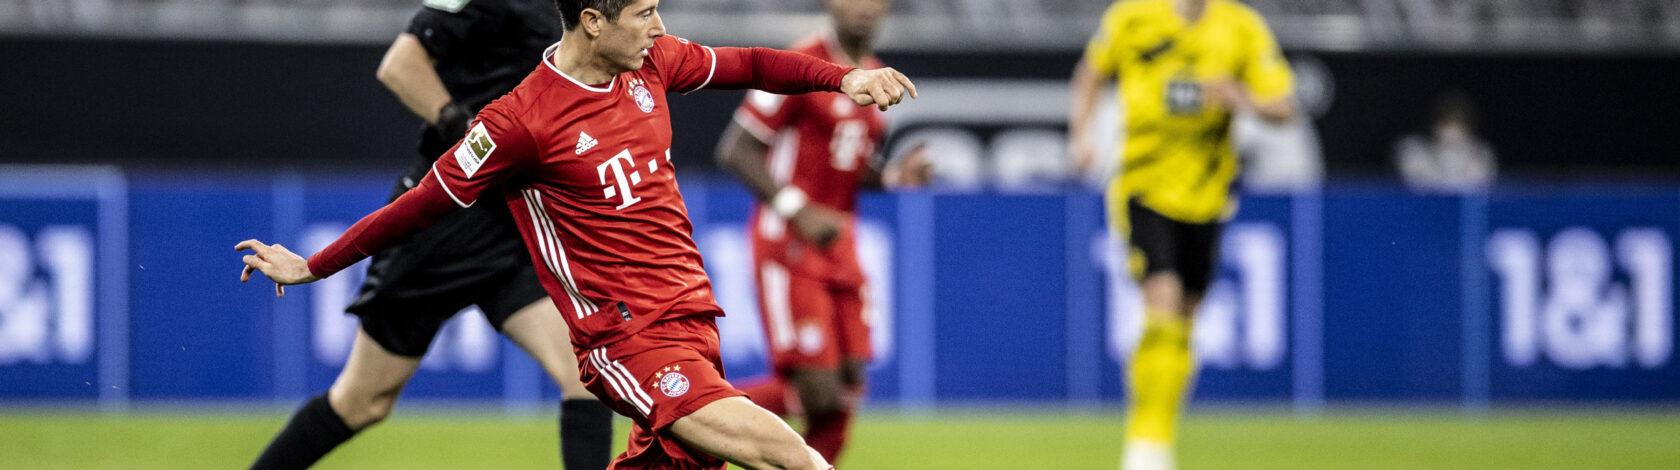 Borussia Dortmund v FC Bayern München – Bundesliga for DFL